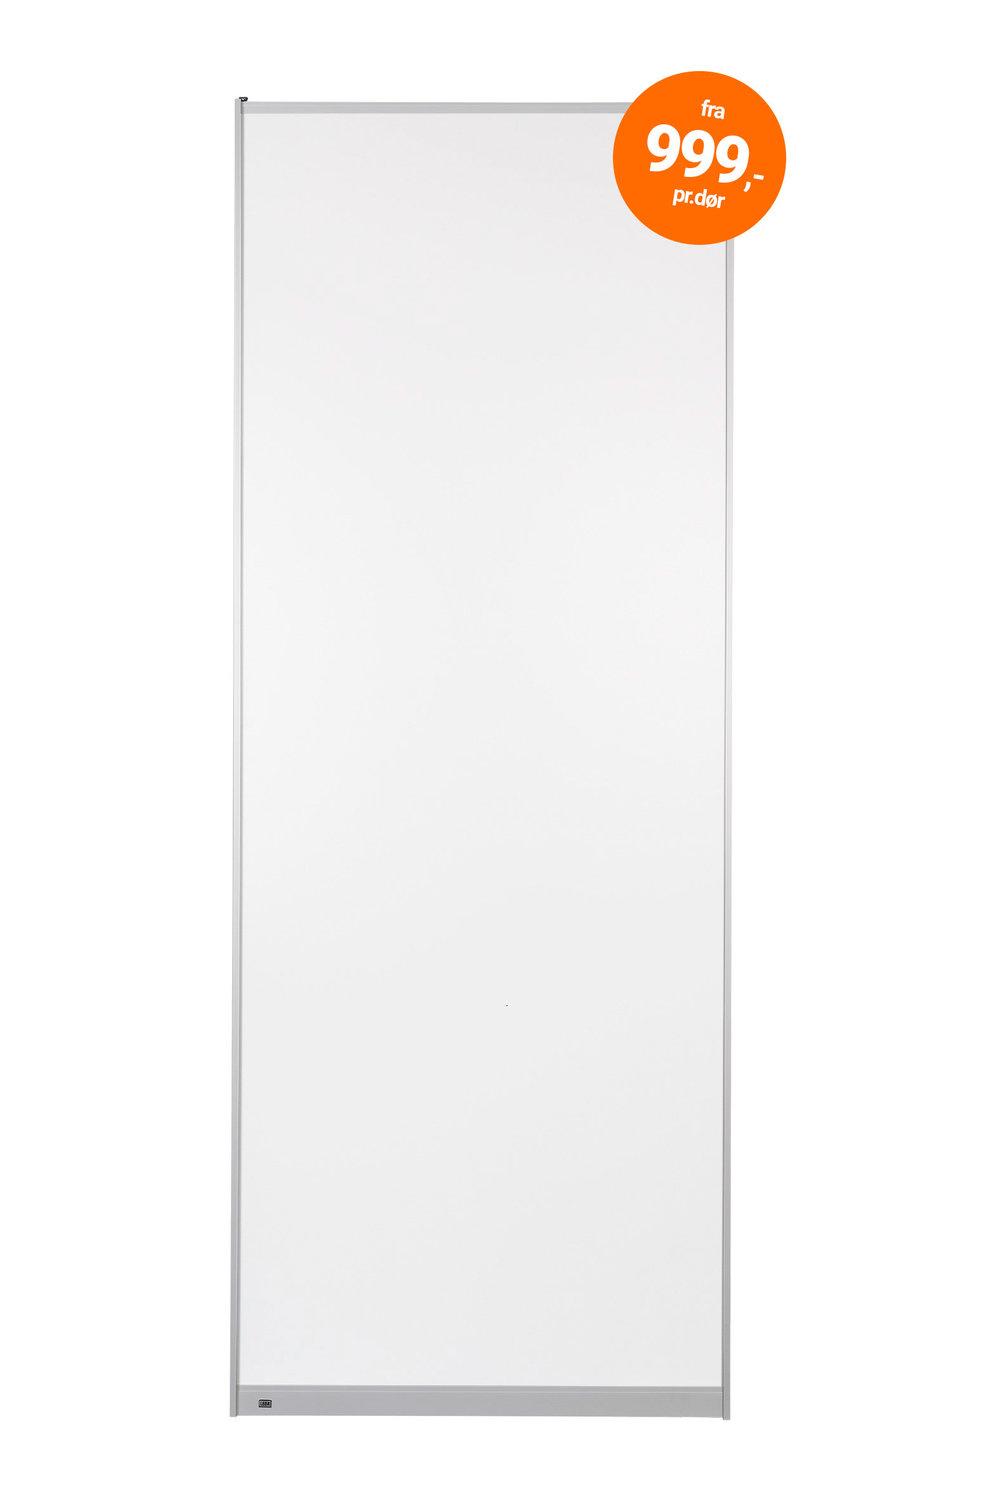 F5101 - Platinahvit   Bredde inntil 610mm -999,- pr.dør Bredde inntil 1020mm - 1485,- pr.dør Maks høyde 2500mm